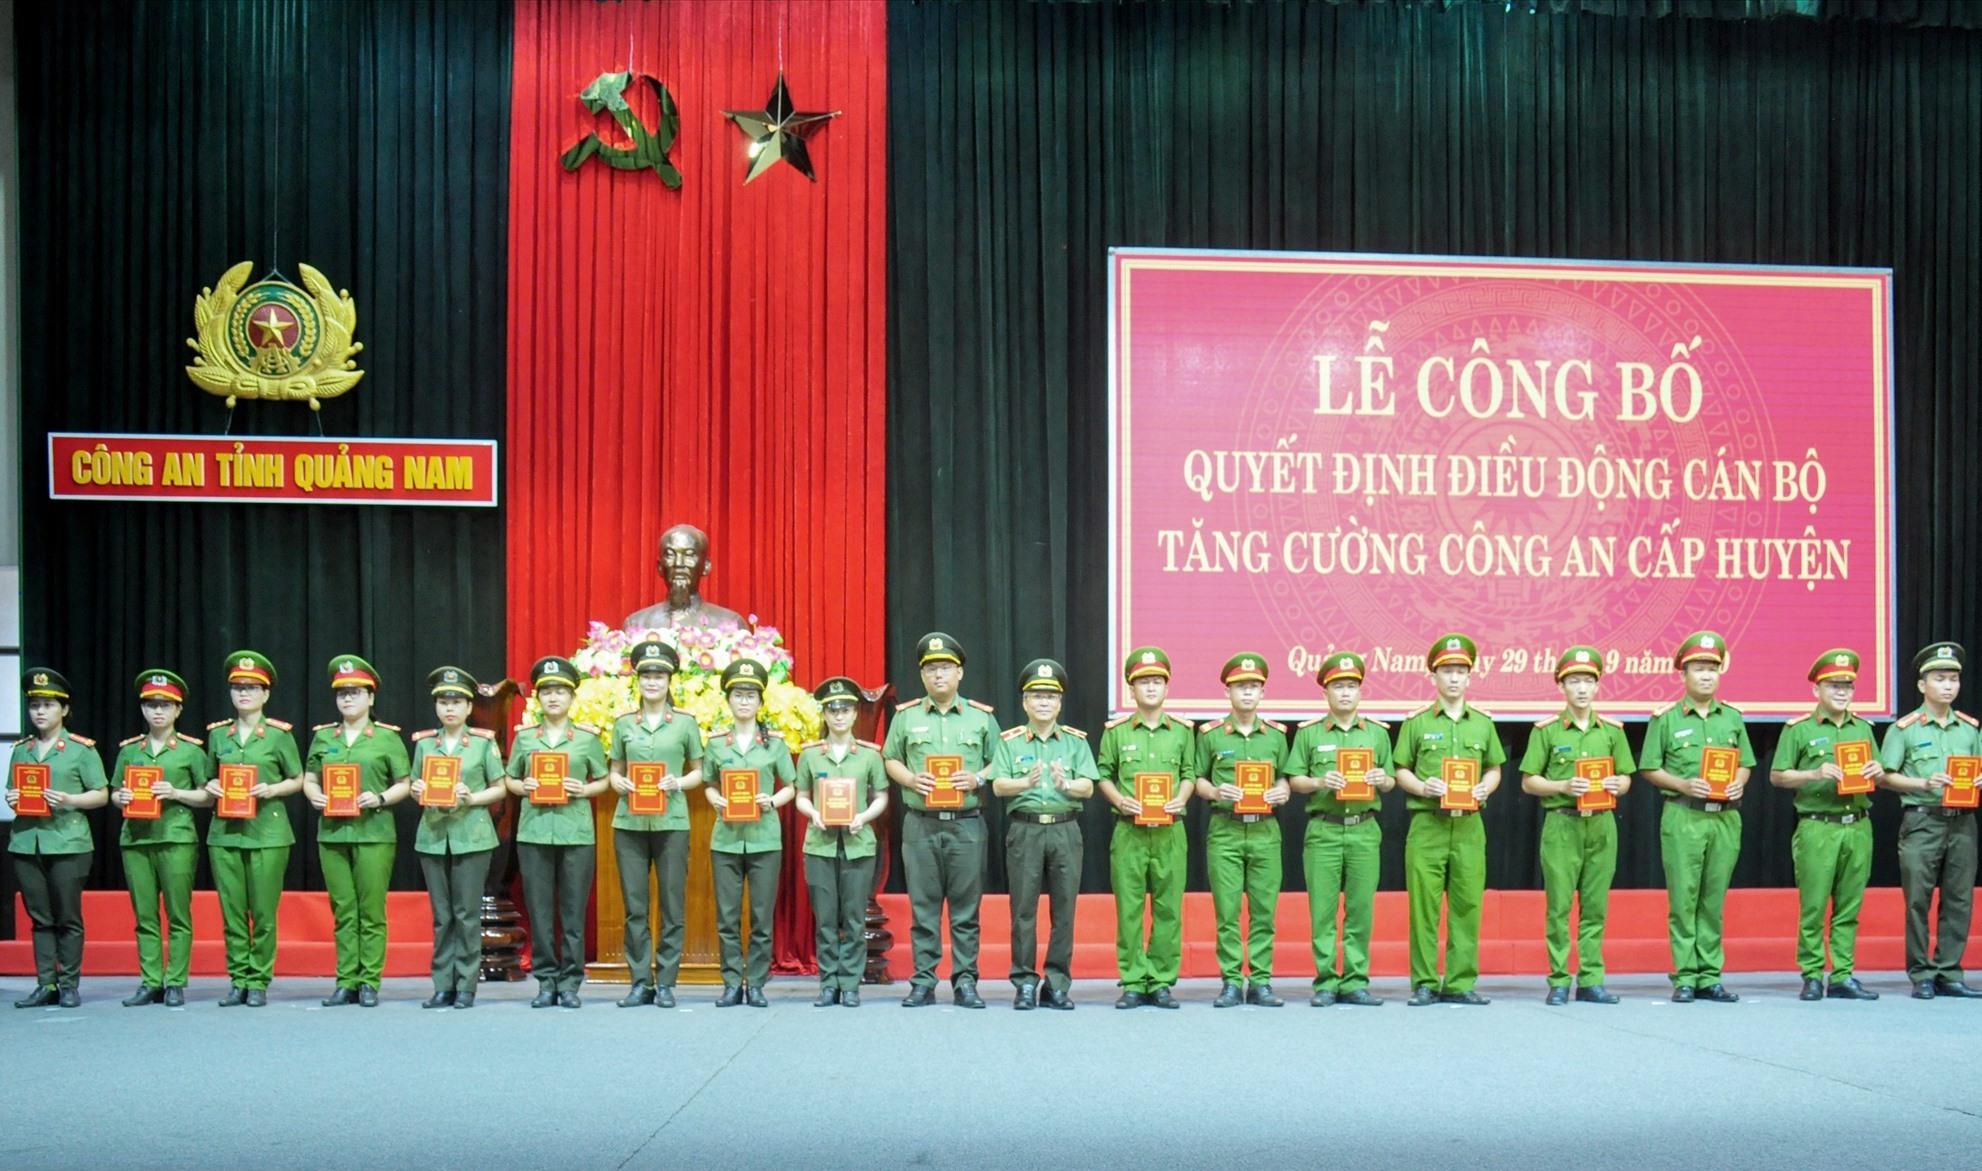 Các cán bộ công an tỉnh được tăng cường về 13 huyện nhằm tạo nguồn bố trí công an xã chính quy. Ảnh: T.C